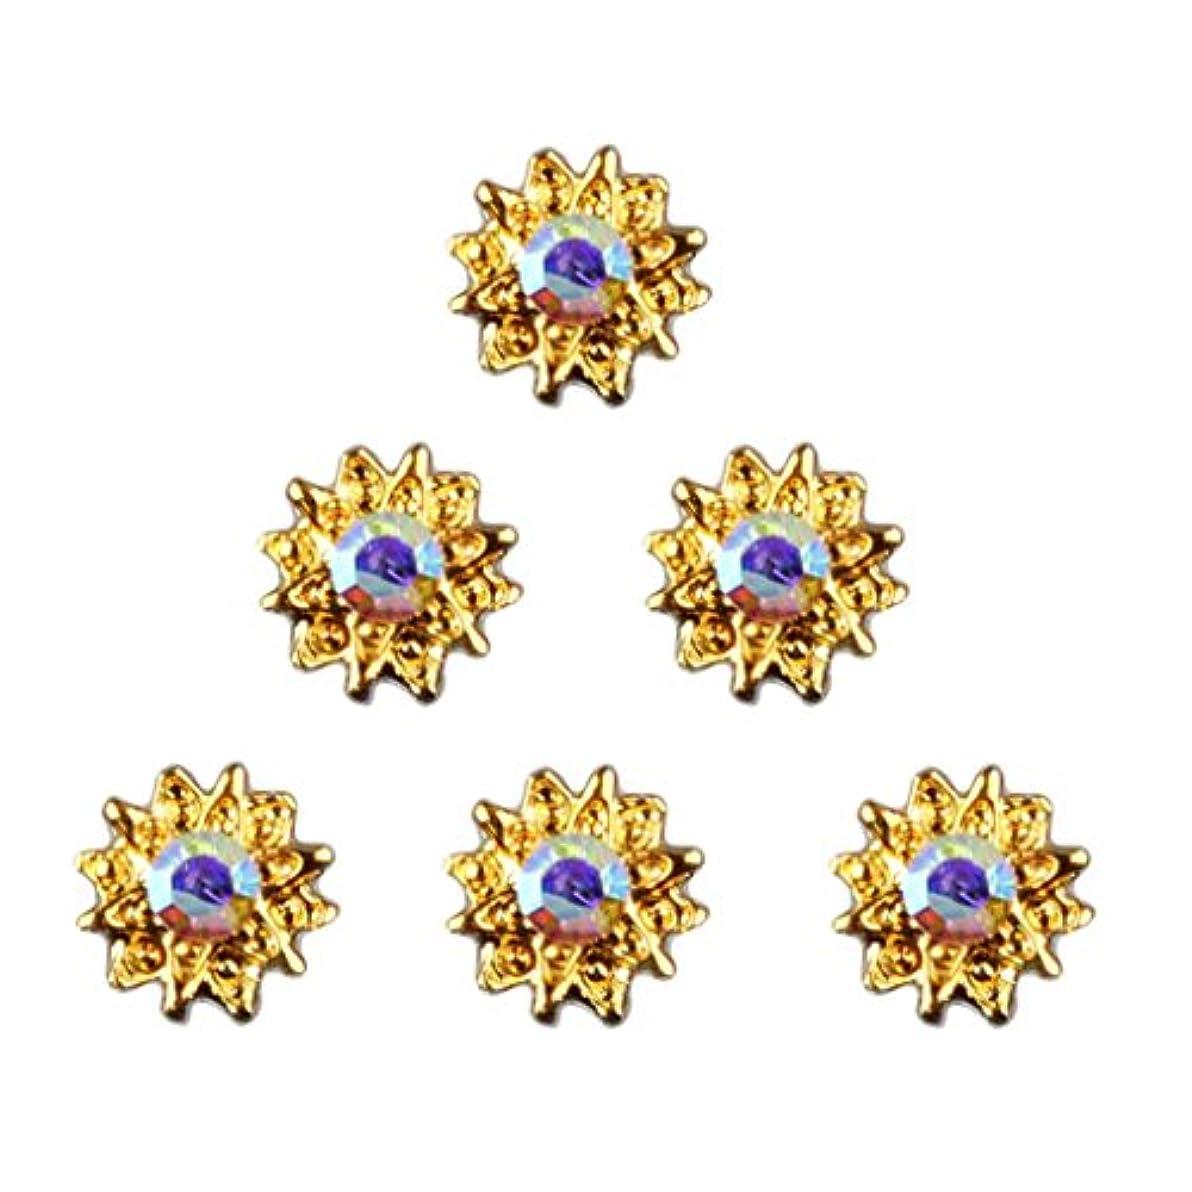 バスケットボールが欲しい初期Baosity ネイル ネイルデザイン ダイヤモンド 約50個 3Dネイルアート ヒントステッカー デコレーション おしゃれ 全8タイプ選べ - 5